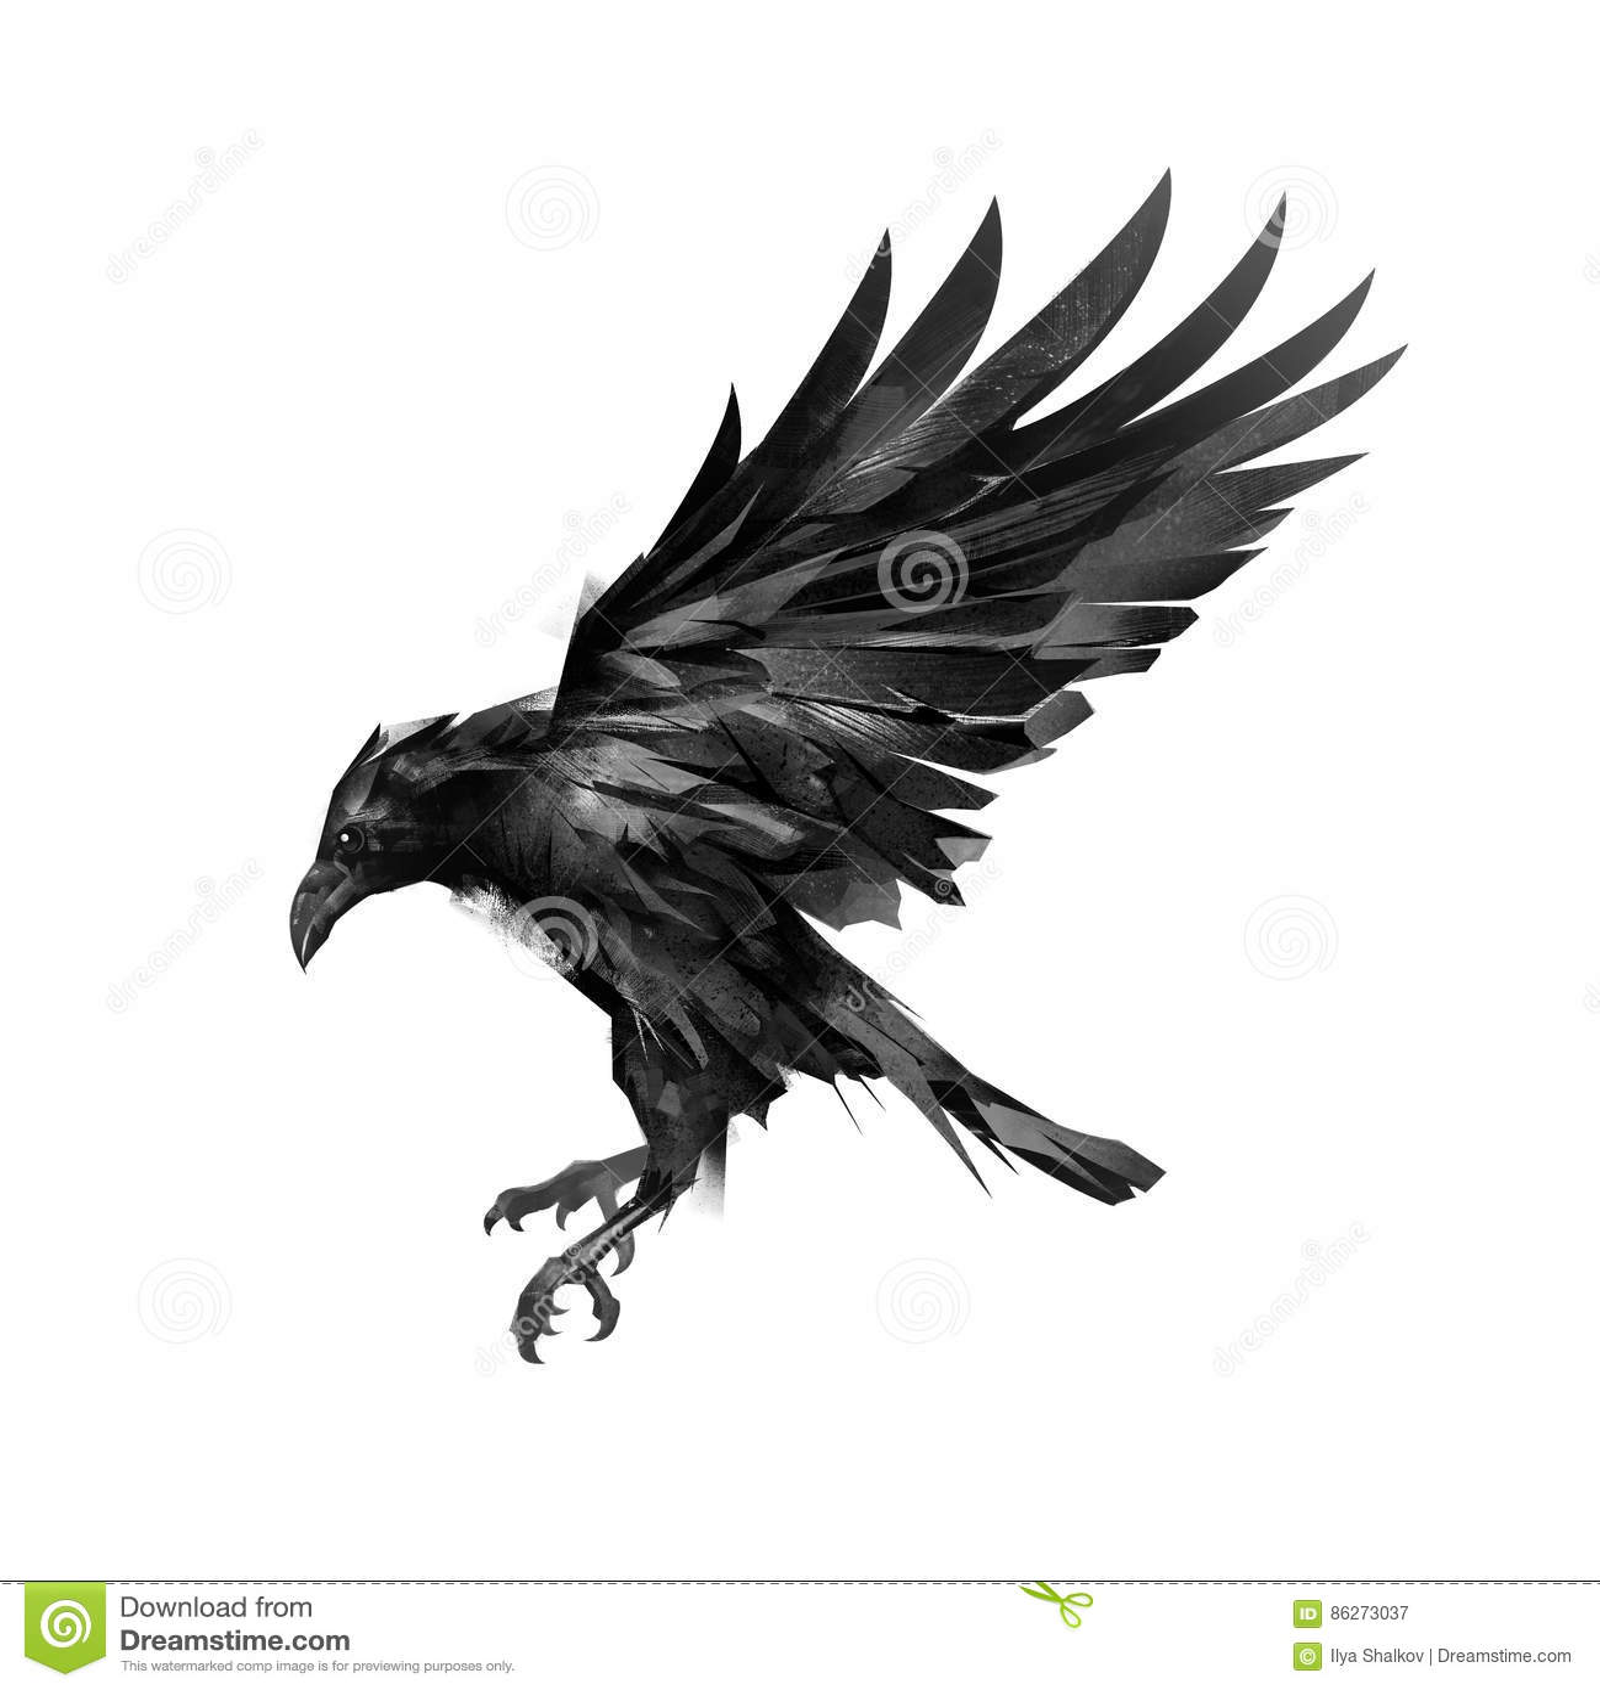 Het trekken van een schets van een vliegende zwarte kraai op een witte achtergrond